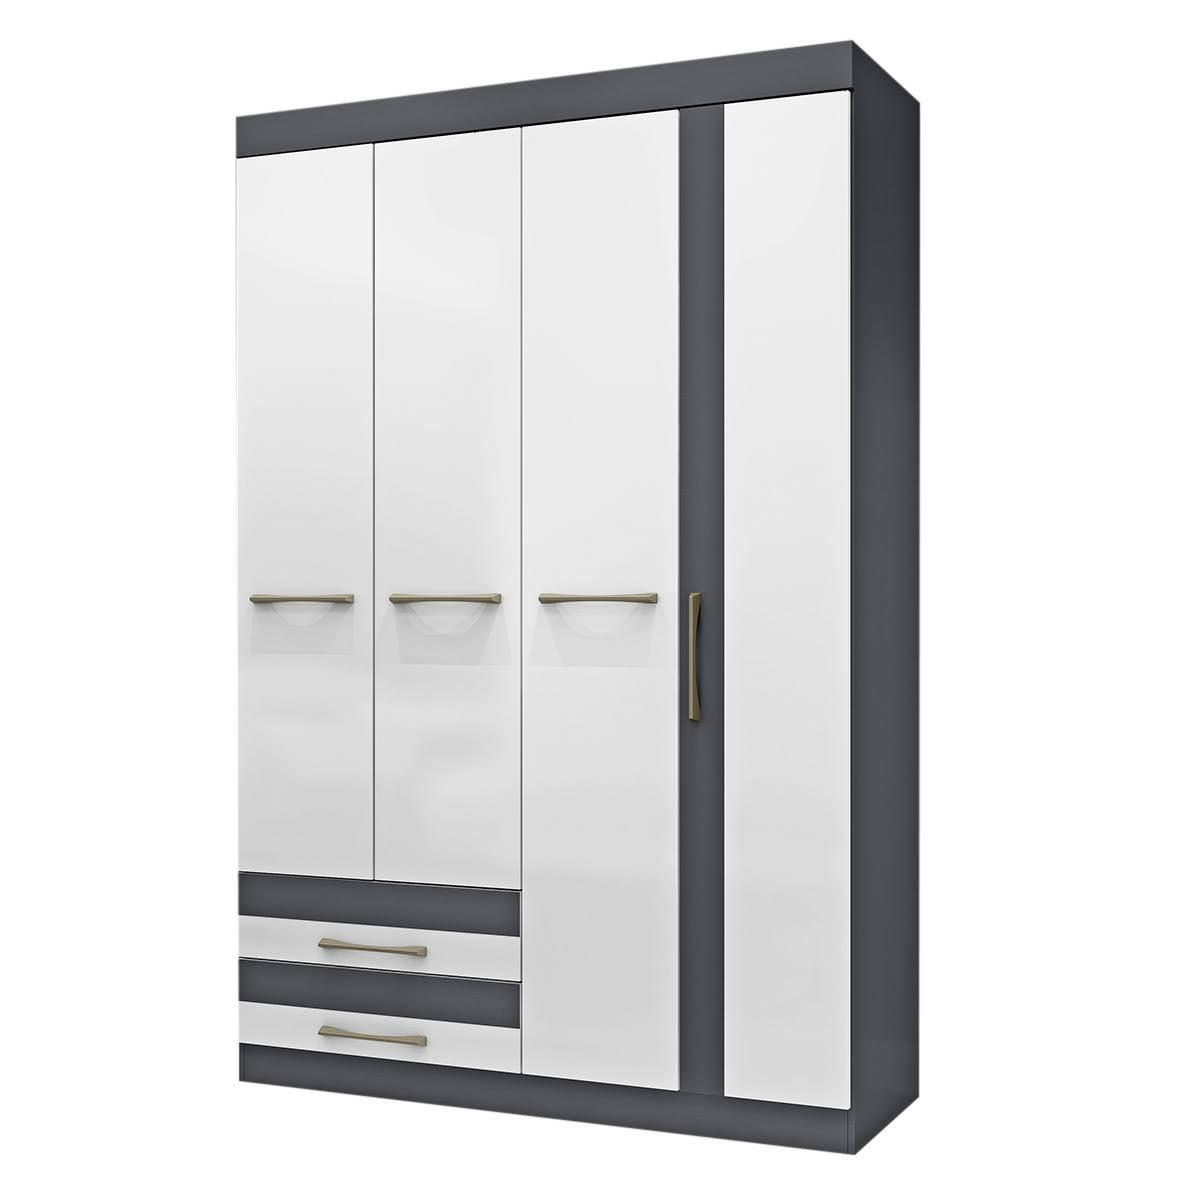 Mueble Armario Closet Ropero Organizador Puertas Gris Blanco